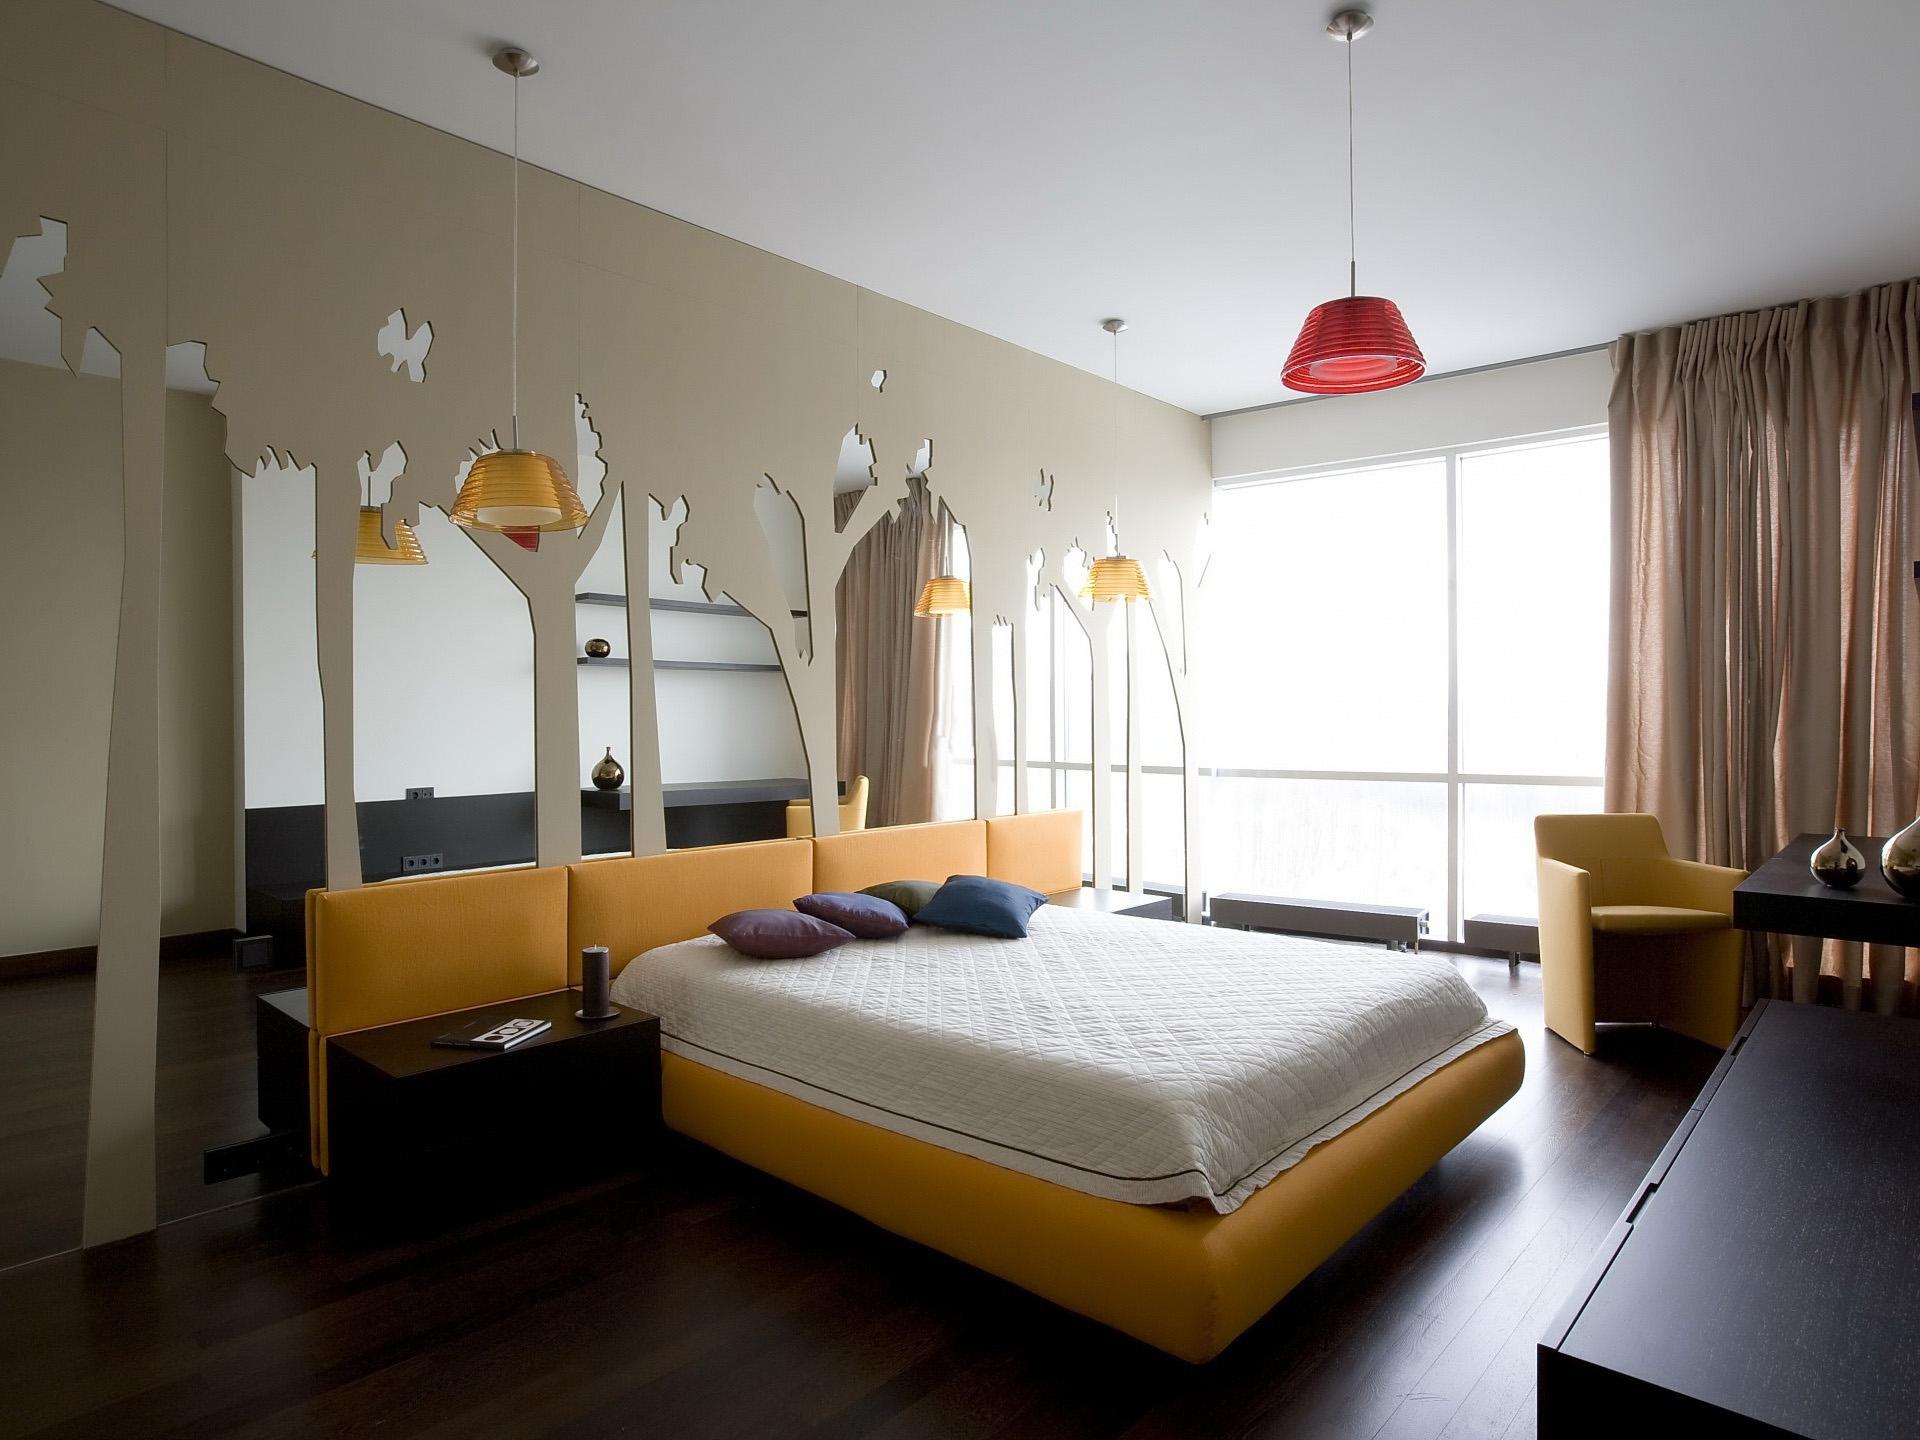 Красивые зеркала и другой декор для спальни с желтыми акцентами